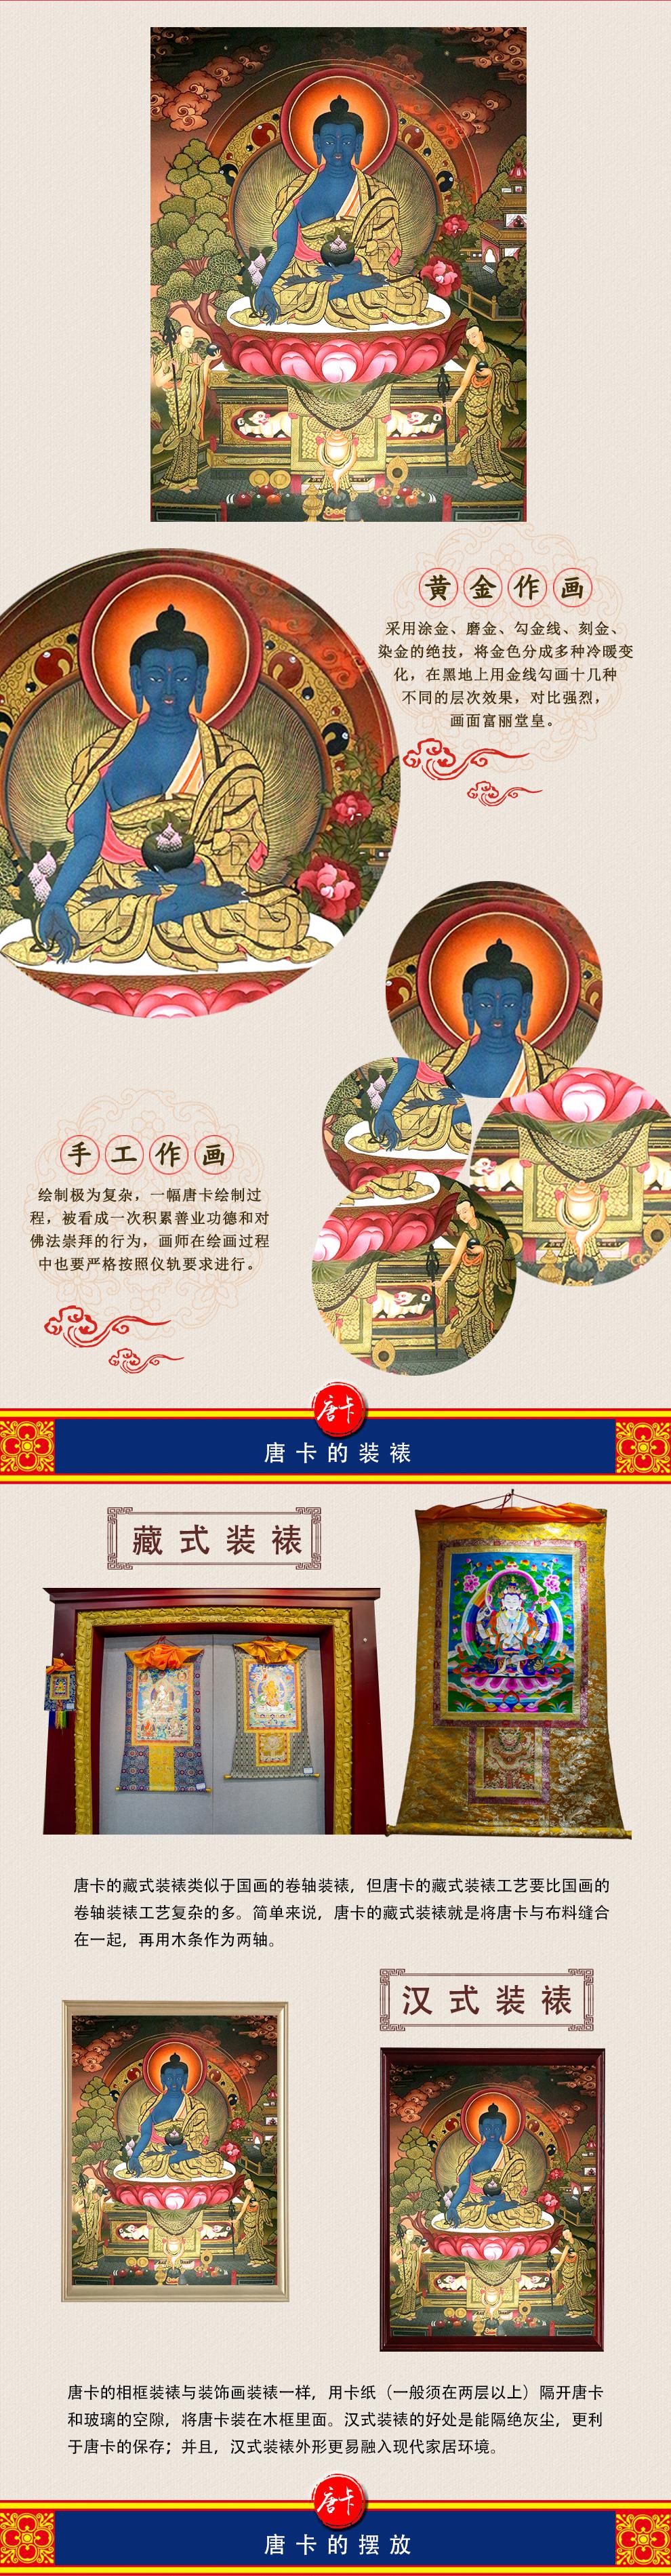 藏传佛教唐卡药师佛手绘佛像画